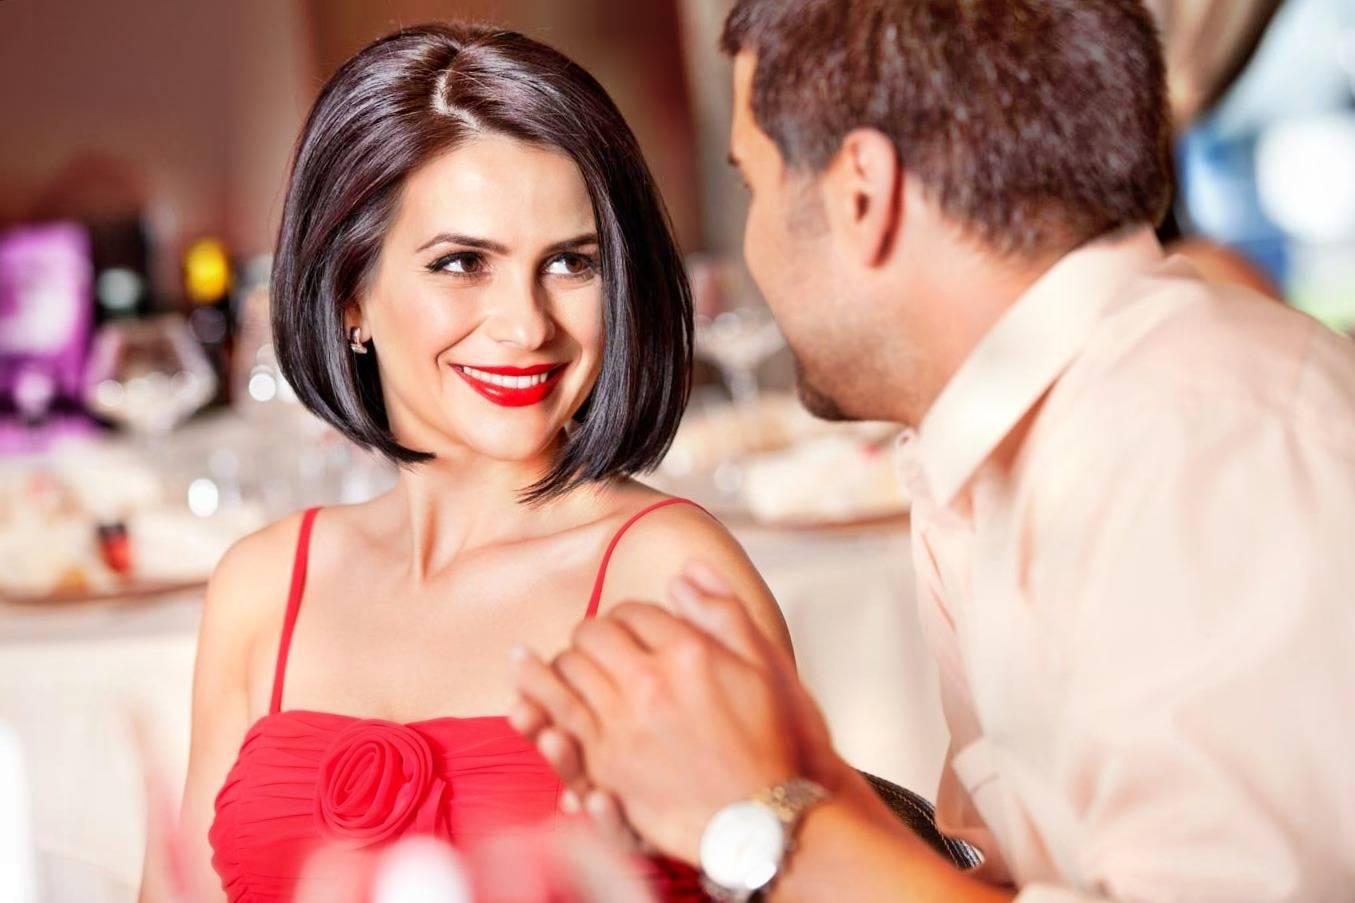 Психология мужчин: как понять и покорить мужчину | wmj.ru